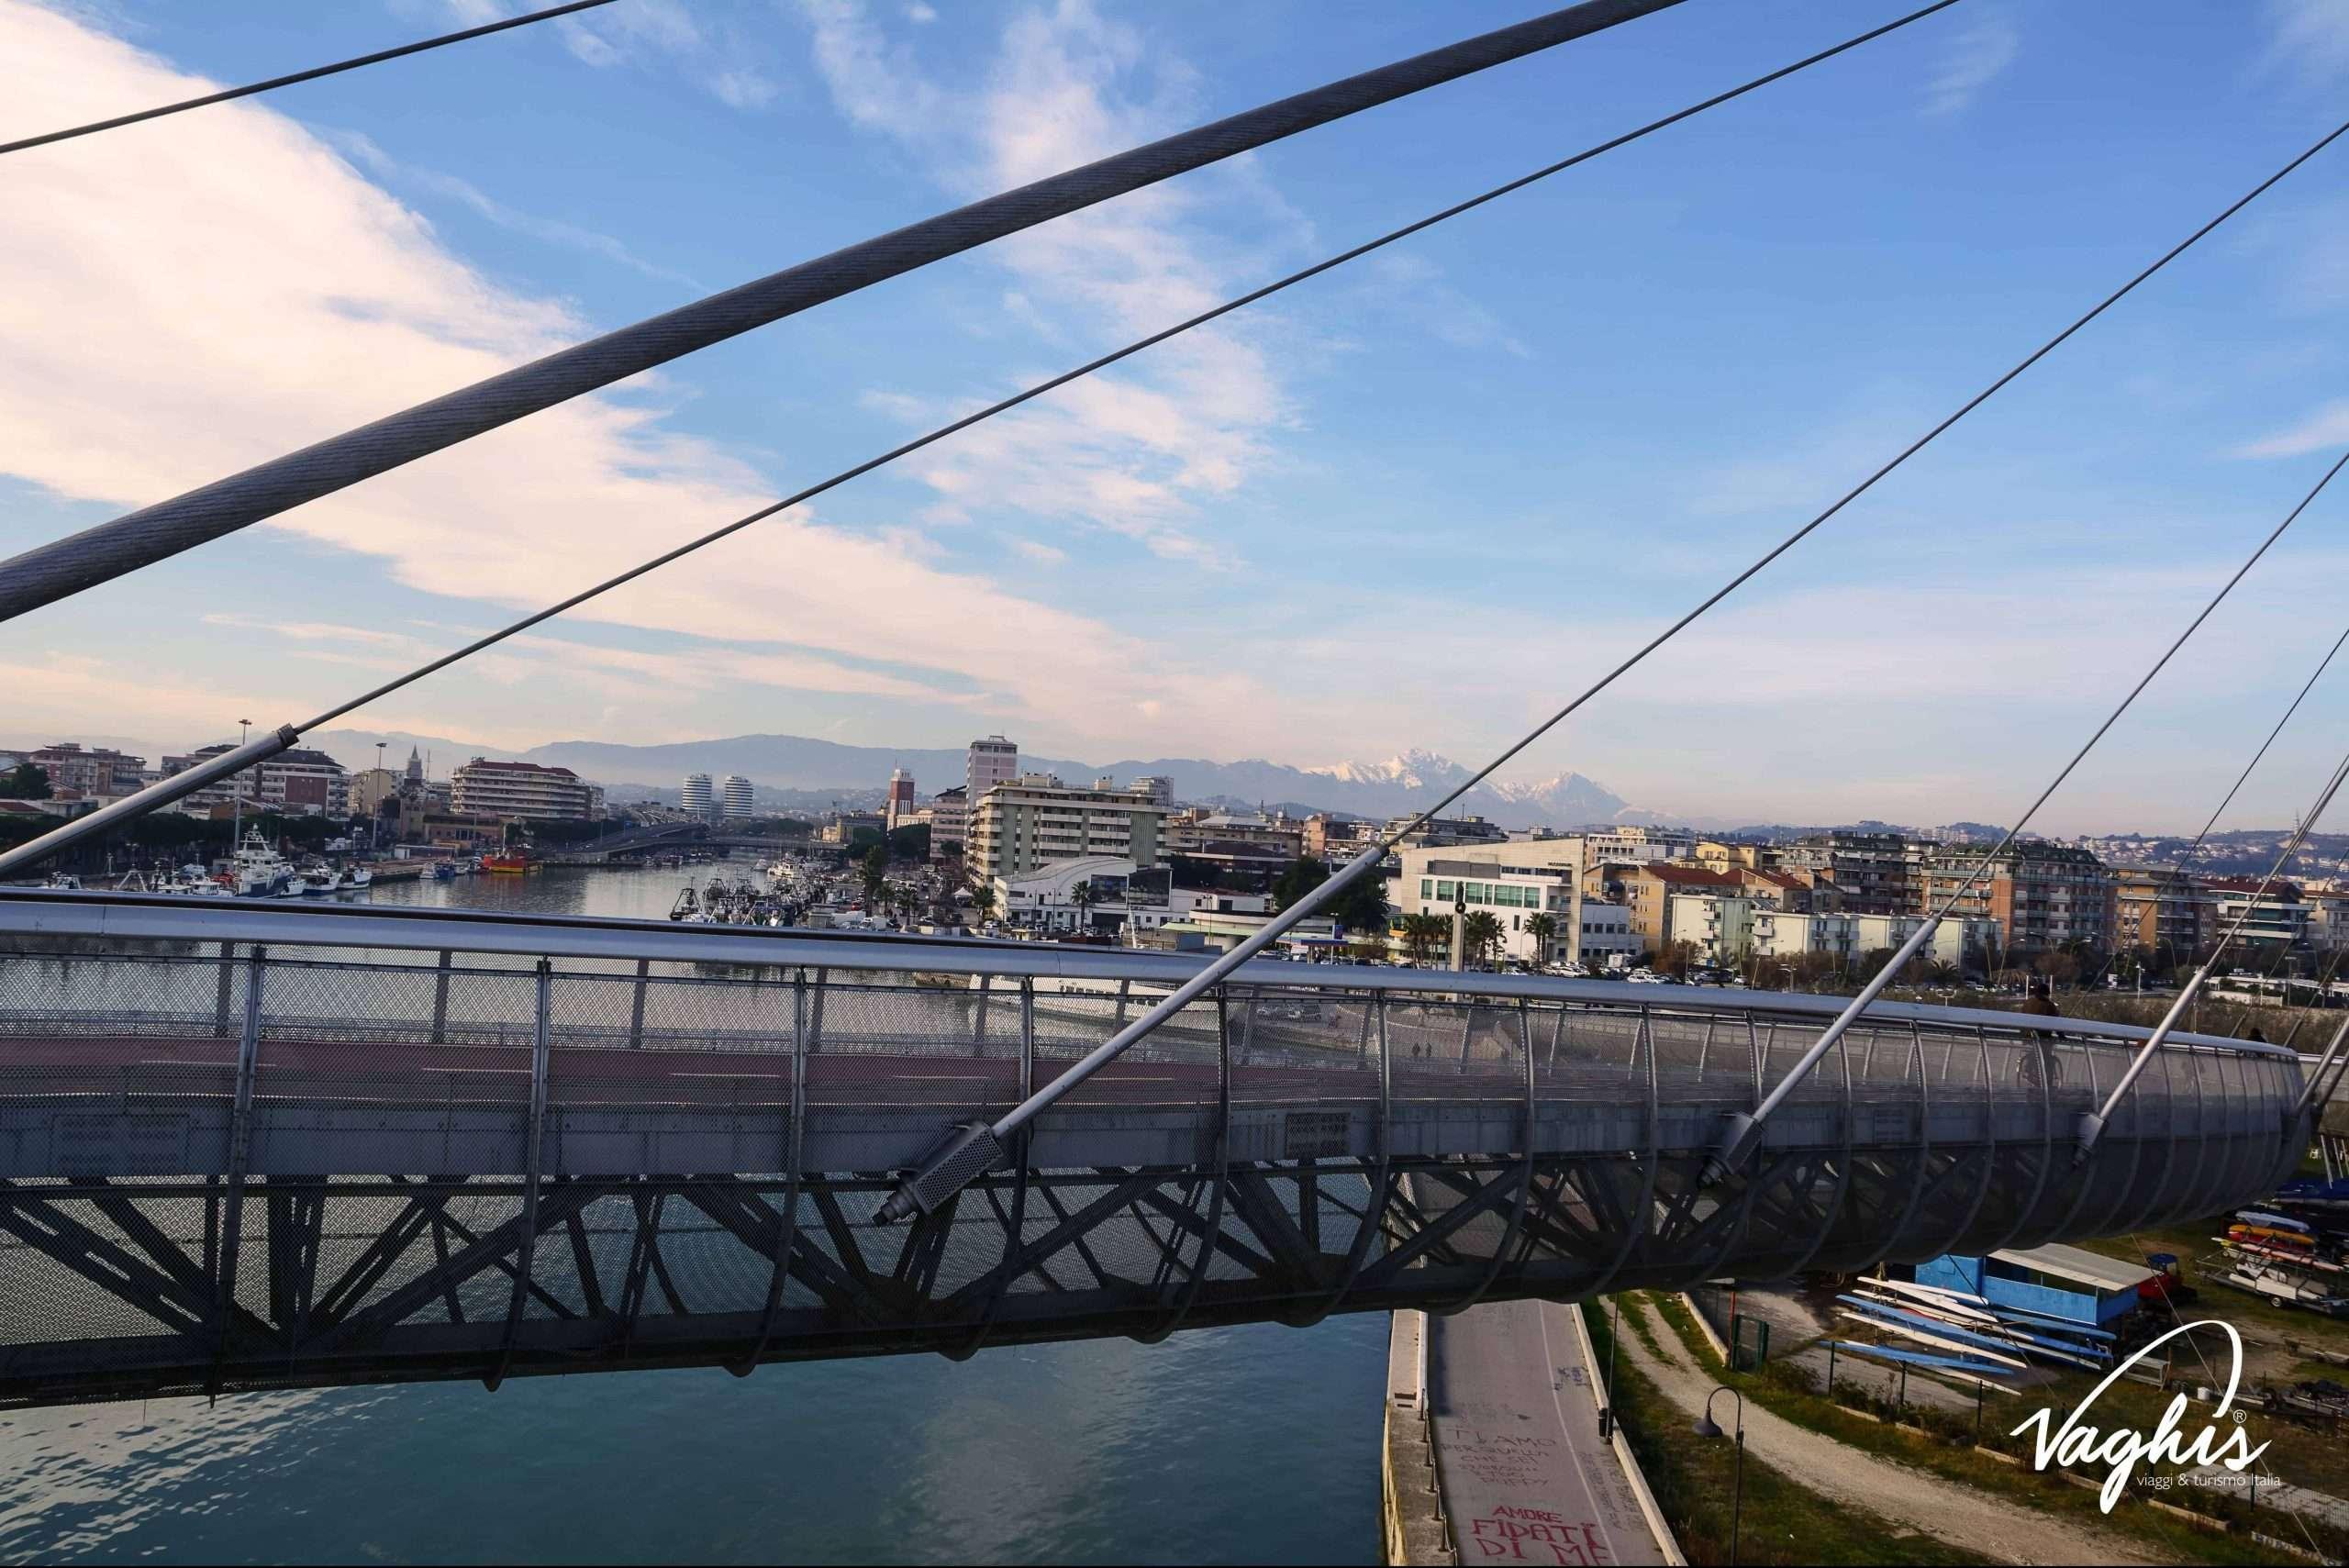 Pescara: Vista della città dal ponte del mare - © Vaghis - viaggi & turismo Italia - Tutti i diritti riservati